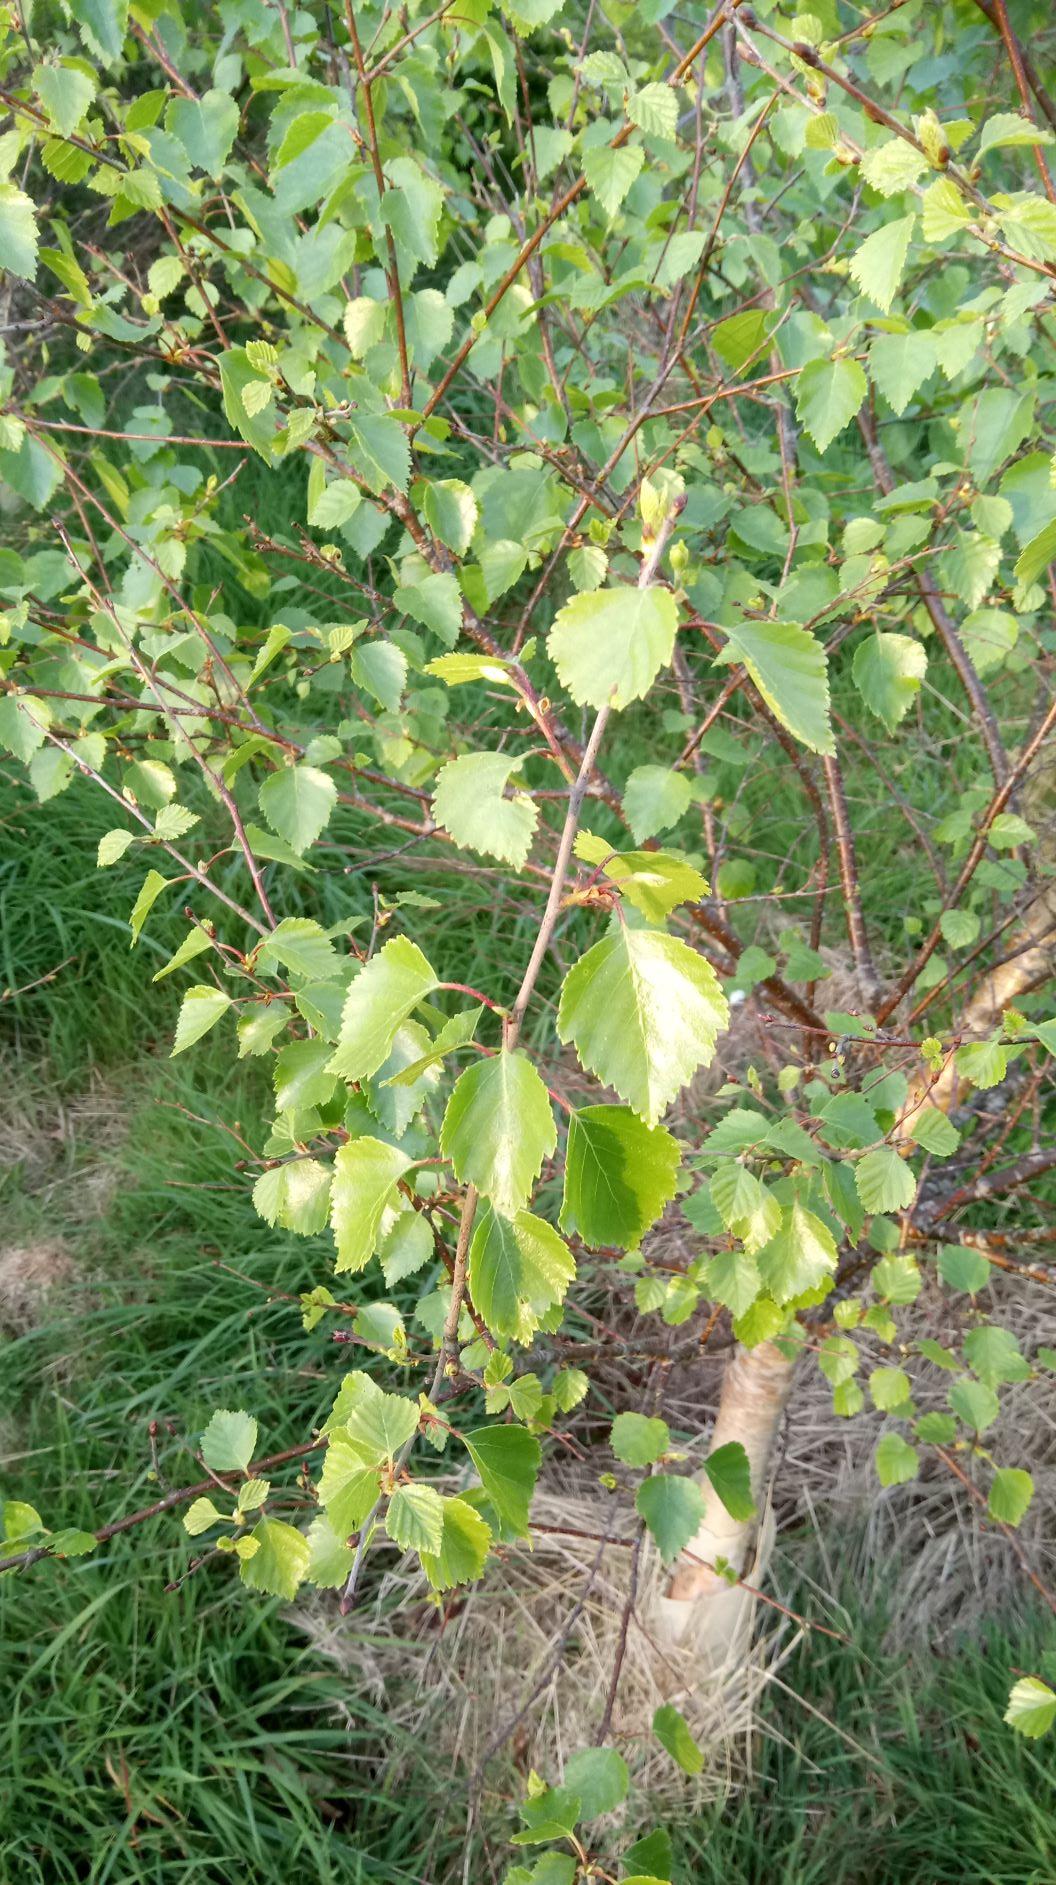 birch leaves in sunlight